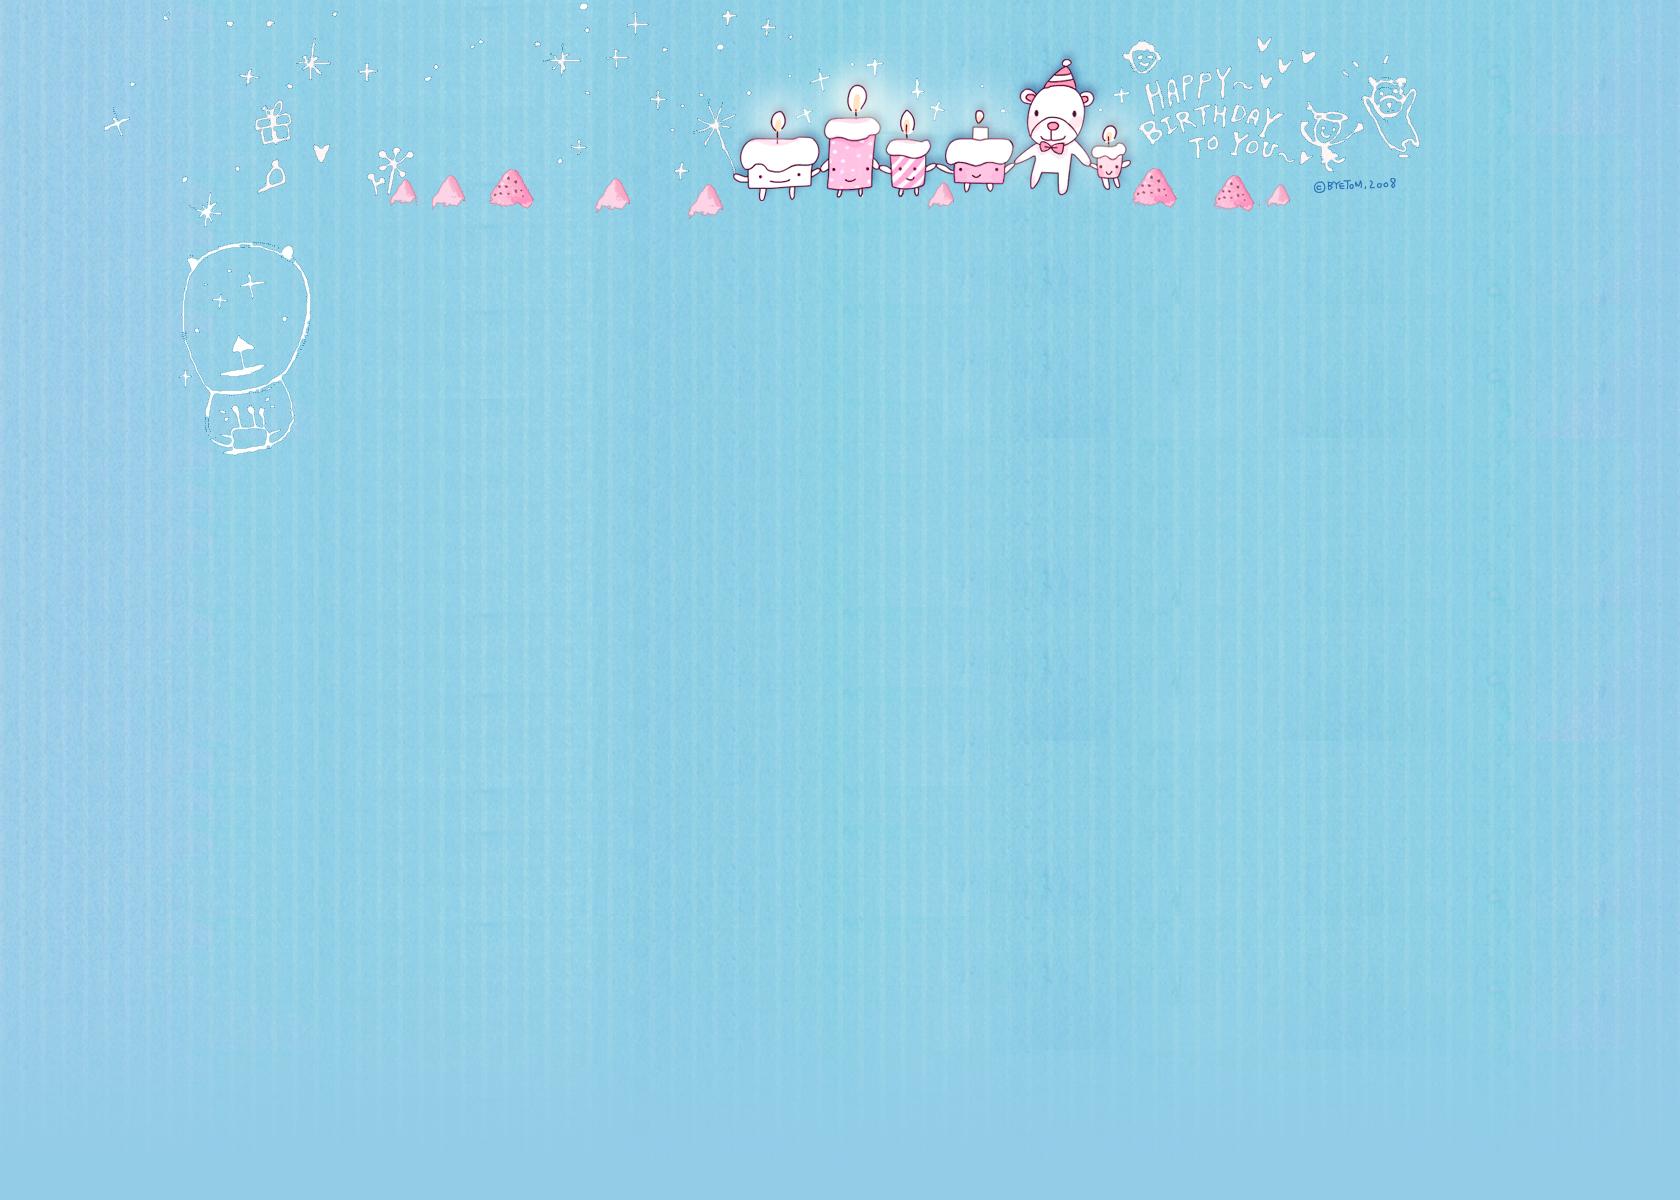 闪婚_作图大背景(三)(2)——淘宝装修素材——赢得网